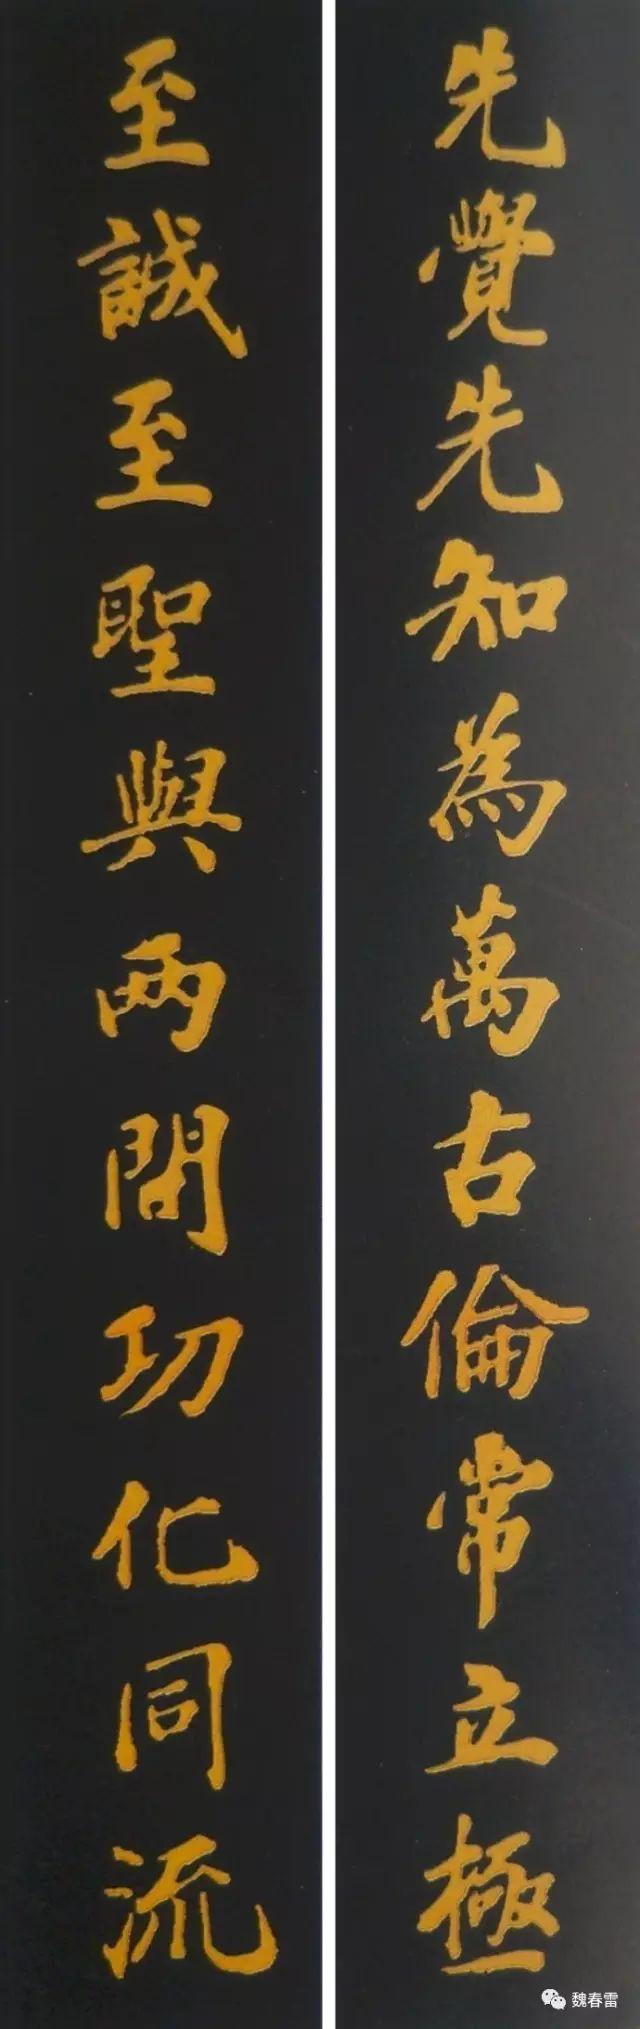 宁远兴城文庙楹联_名胜古迹对联_中国对联网